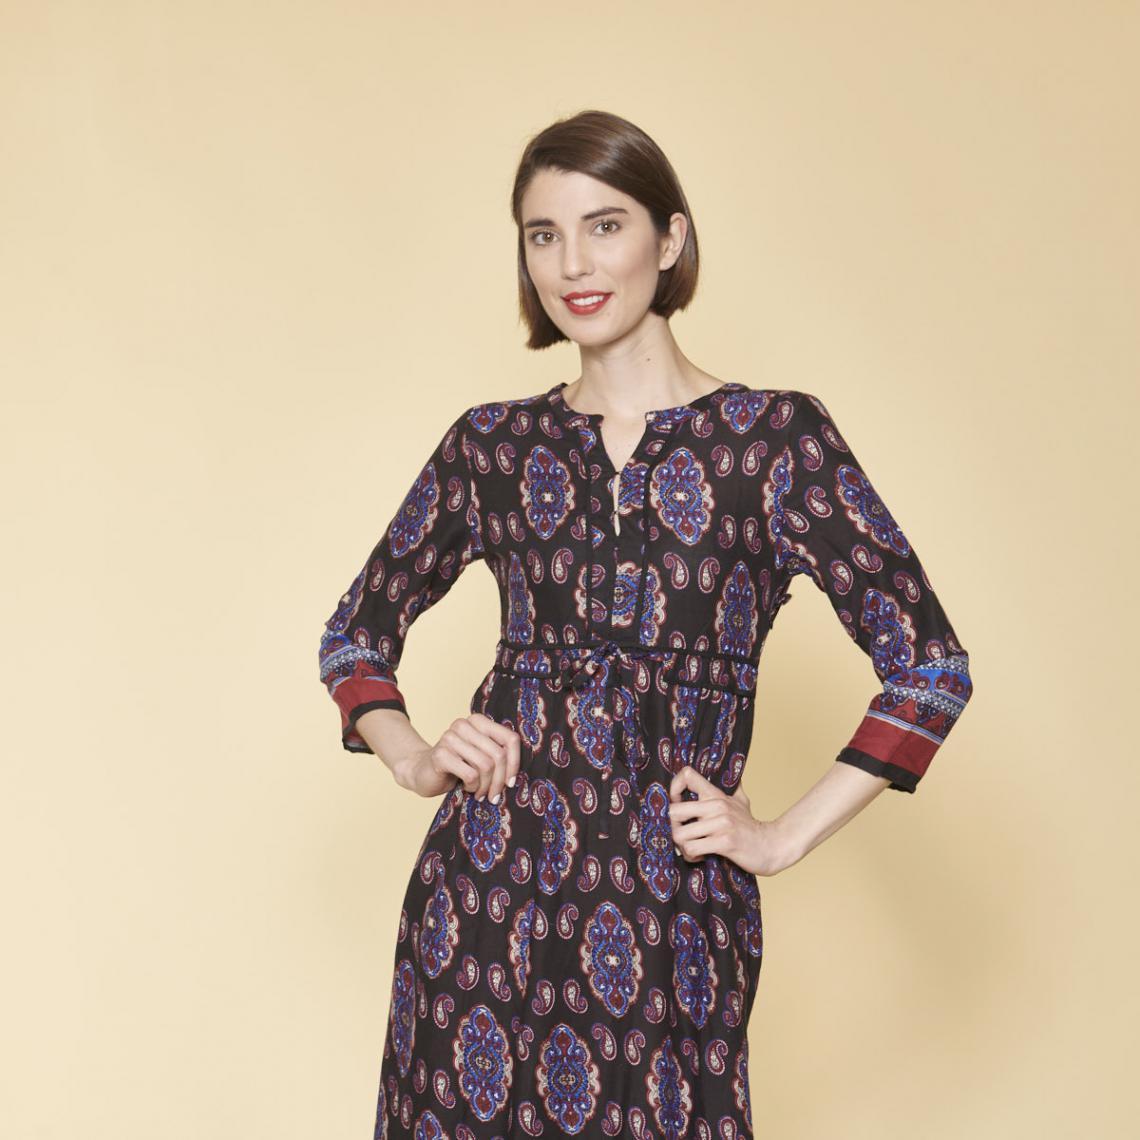 b903e22cde310 Robe longue 3 SUISSES Cliquez l image pour l agrandir. Robe longue imprimée  col caftan manches 3 4 femme - Imprimé Bleu ...